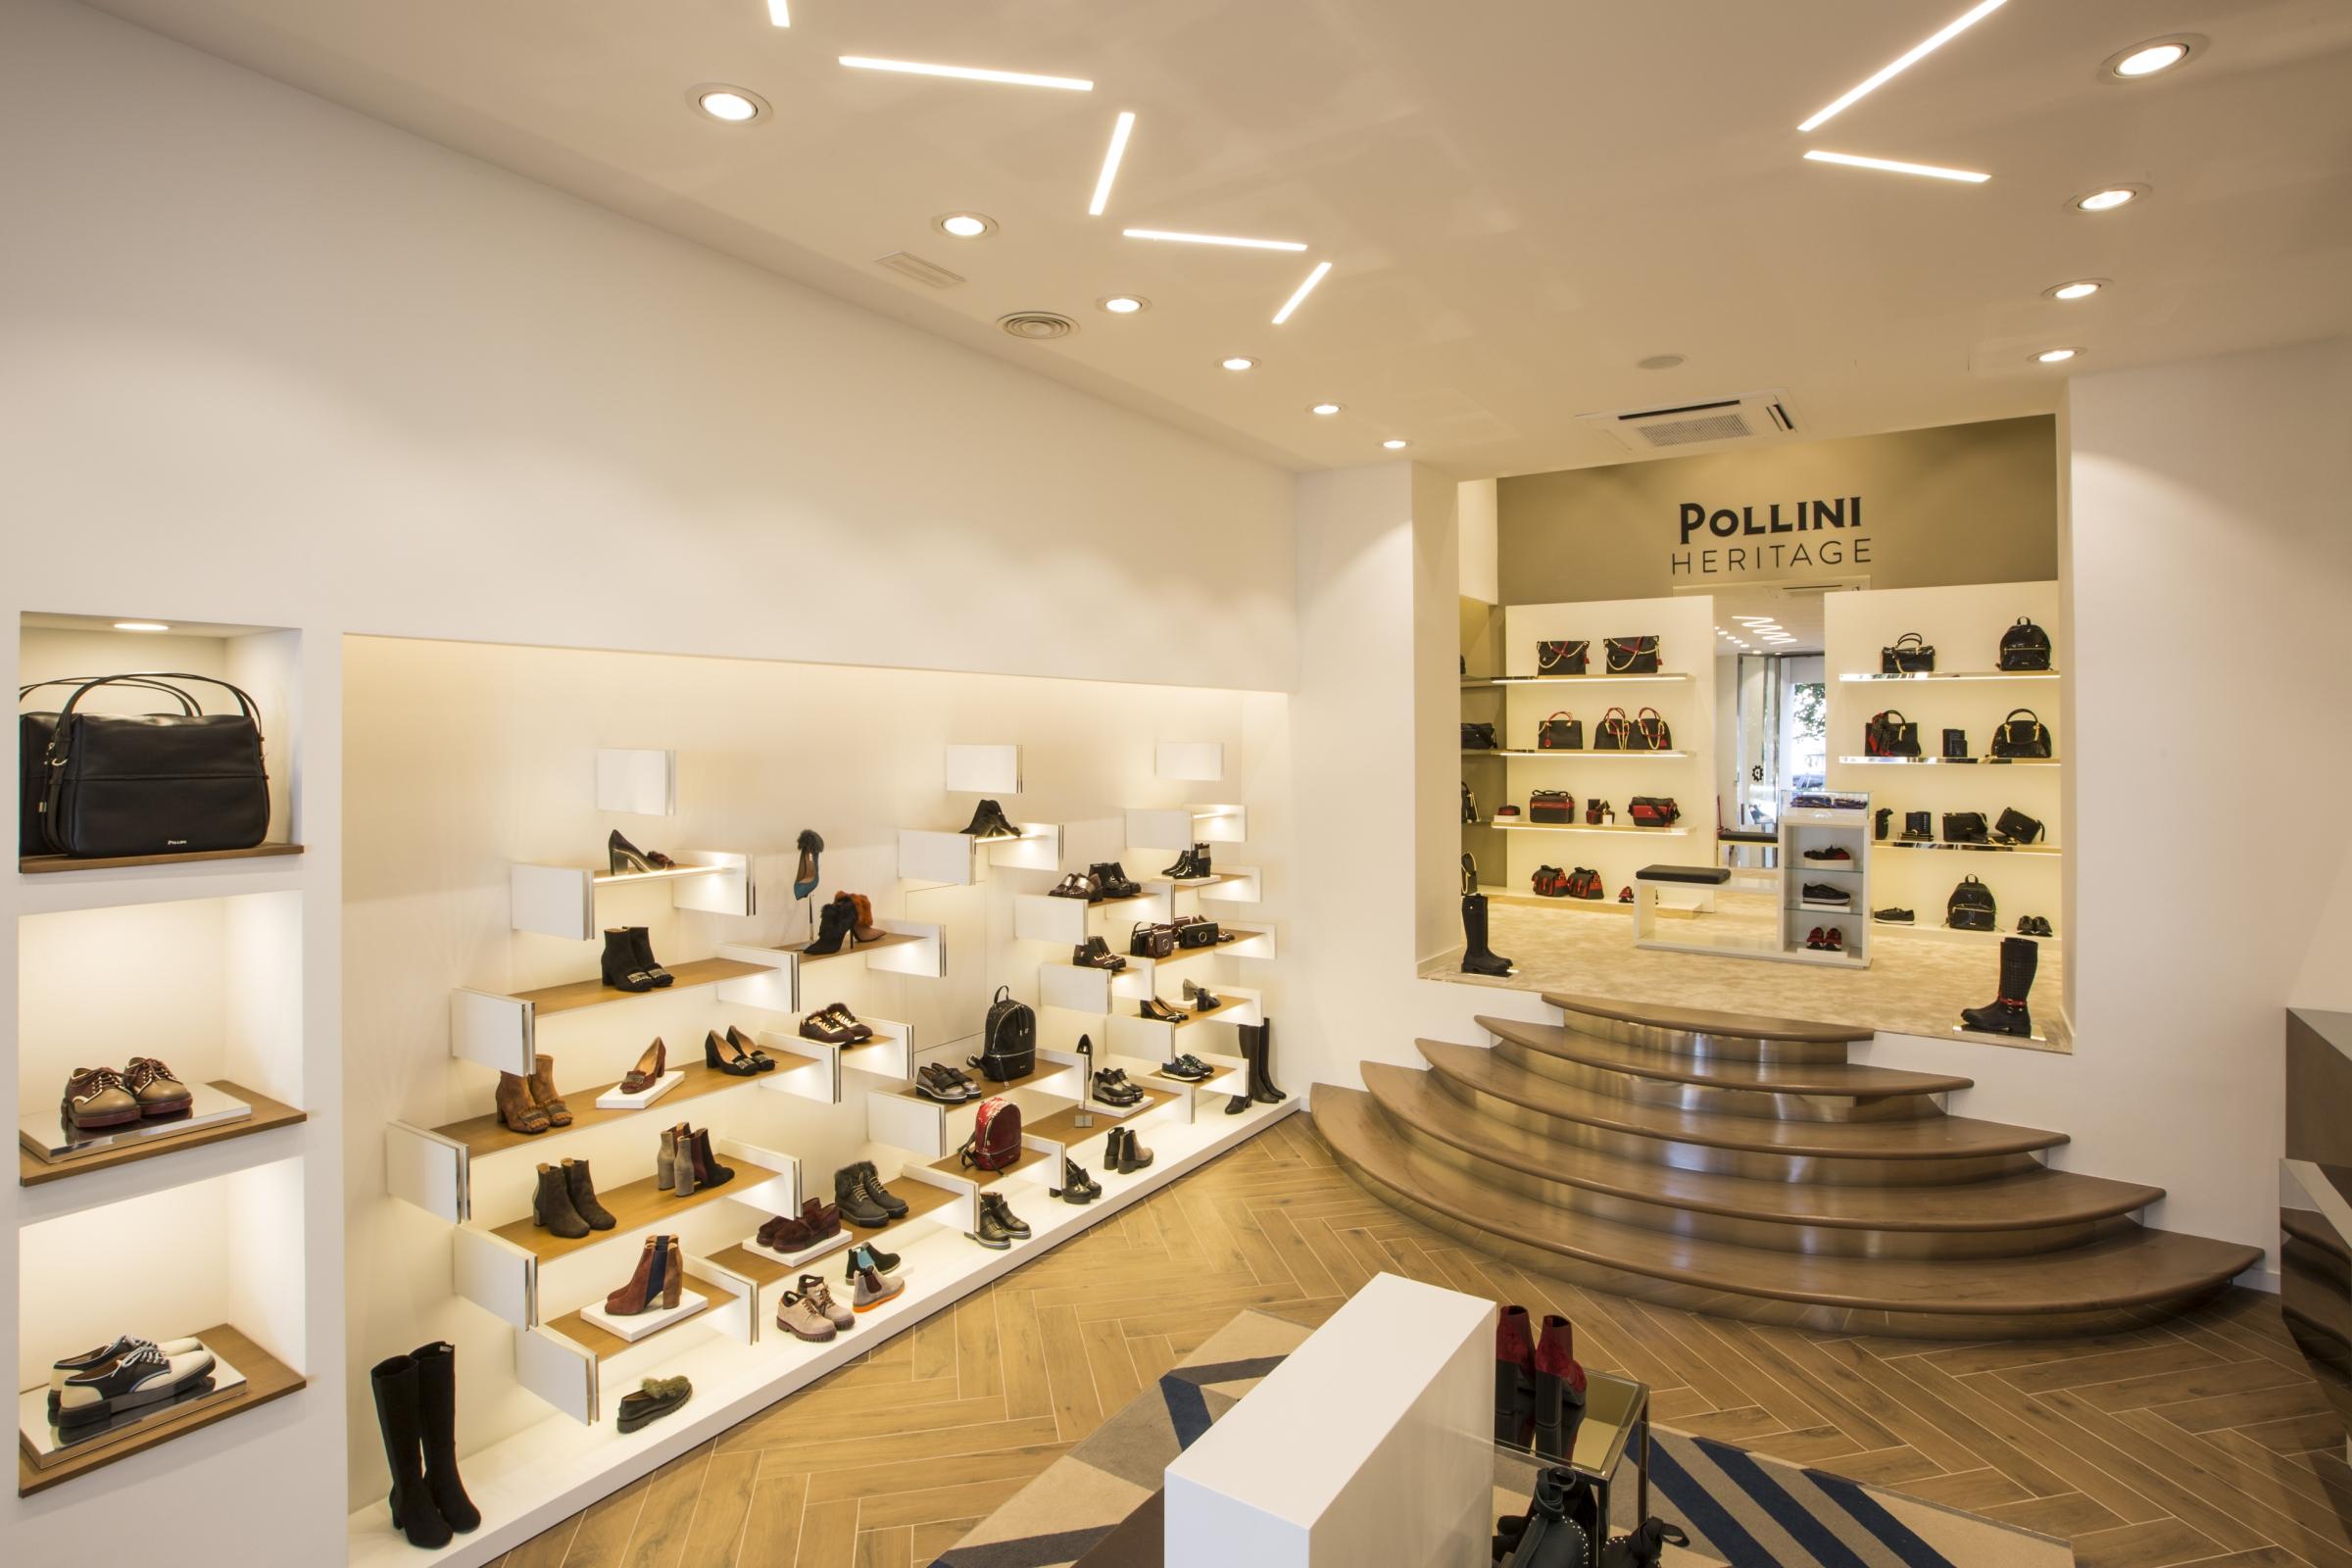 7b30a5eb2d Inoltre, all'interno del negozio di via Cola di Rienzo, sarà inaugurata per  la prima volta un'area esclusivamente dedicata alla collezione Heritage, ...